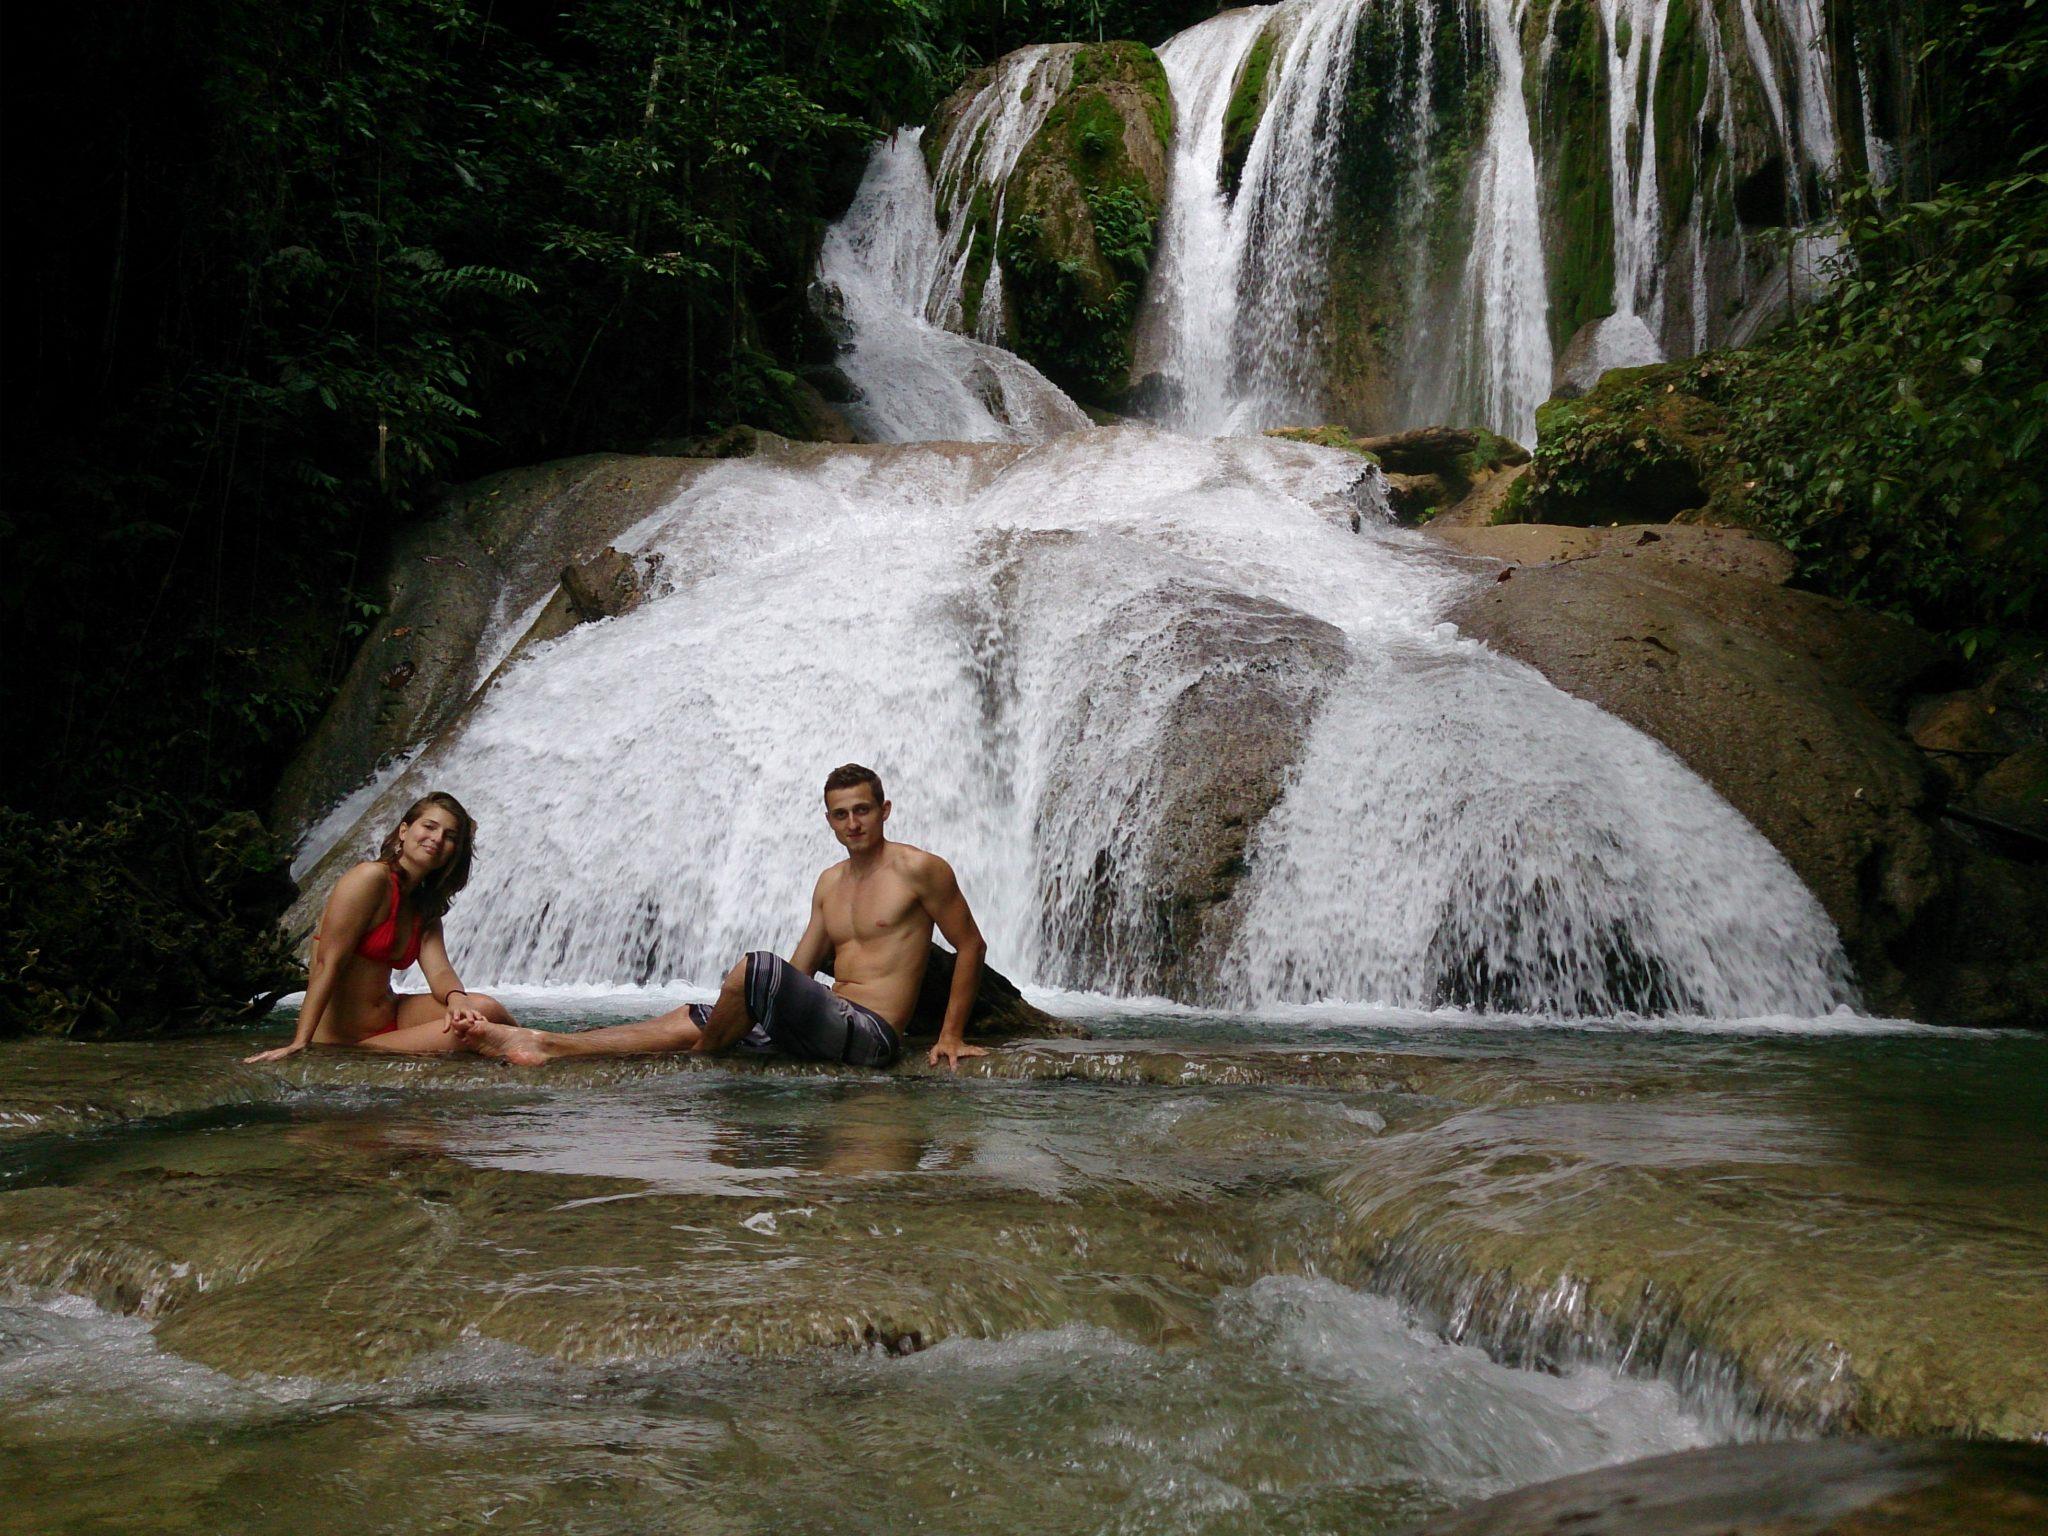 egzotyczne wakacje wycieczki personalne wczasy Indonezja Bali nasza filozofia